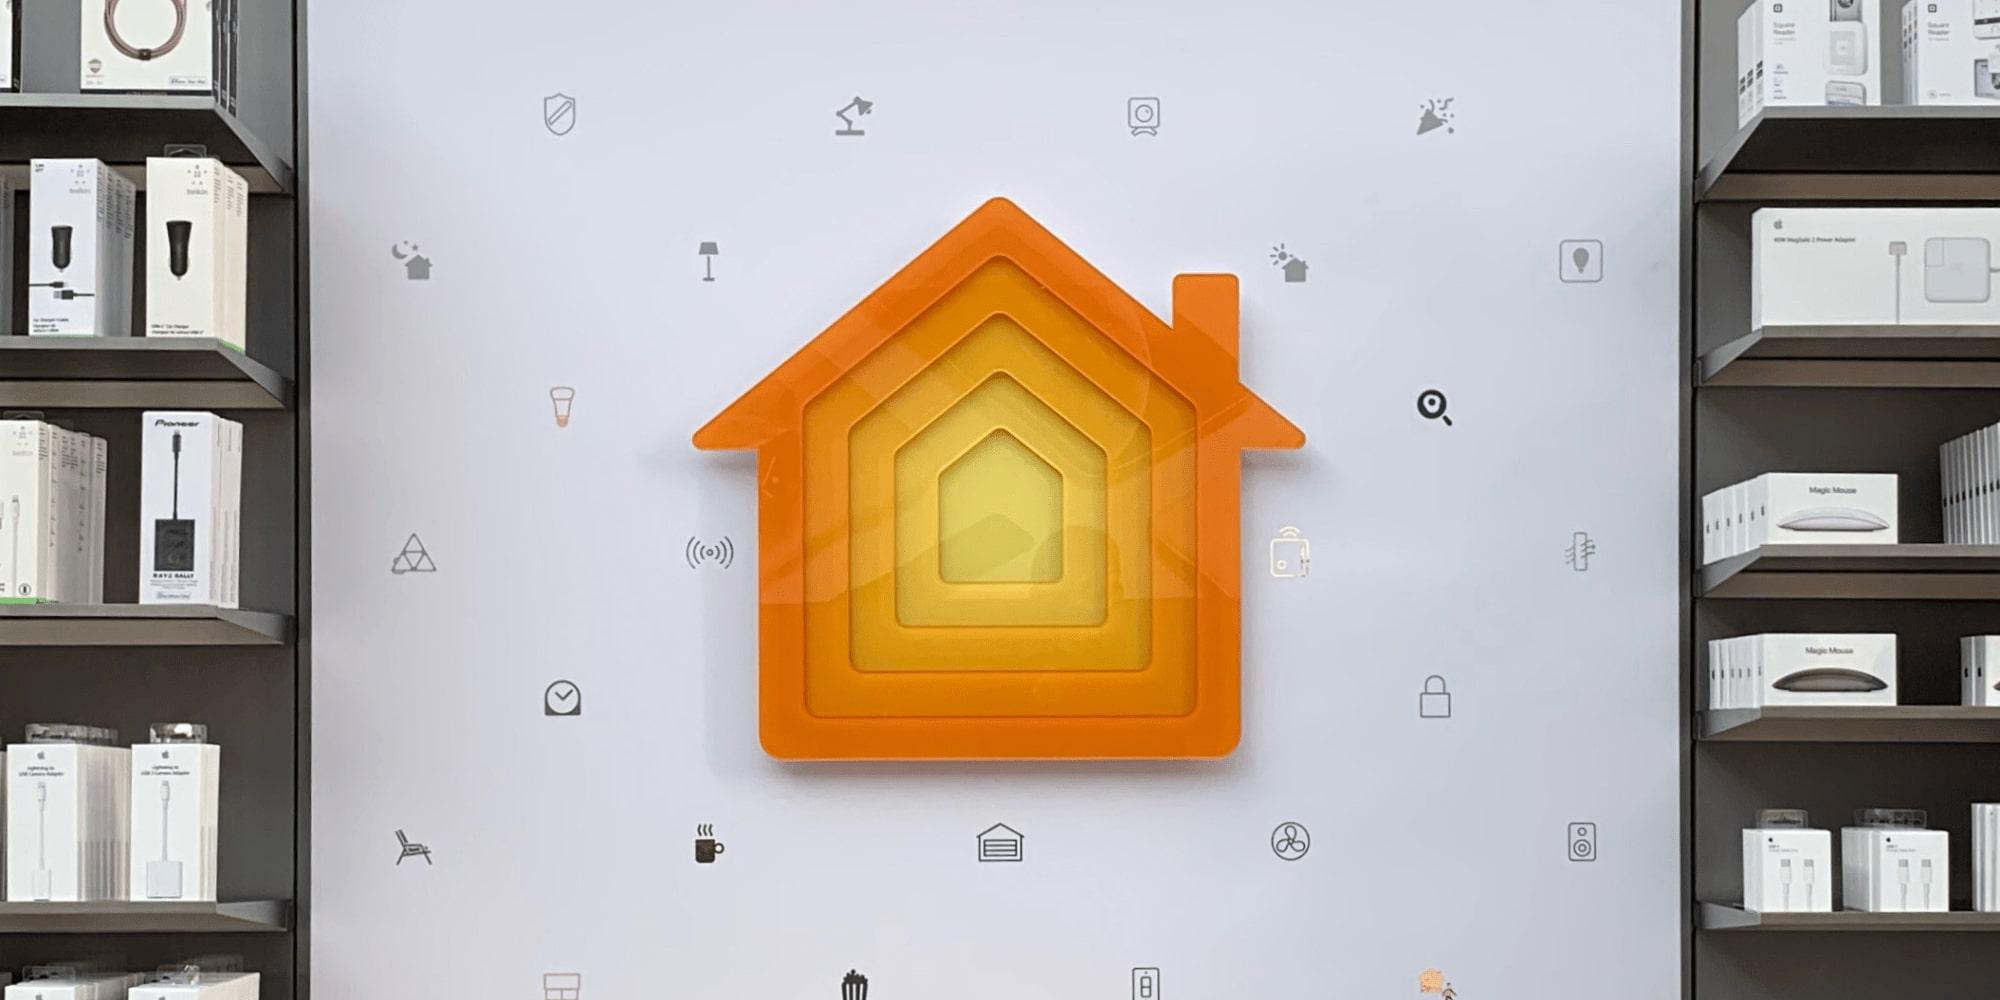 Bộ HomeKit trên iOS 14: thêm tính năng điều chỉnh màu đèn theo giờ, hoạt động tương tự Night Shift